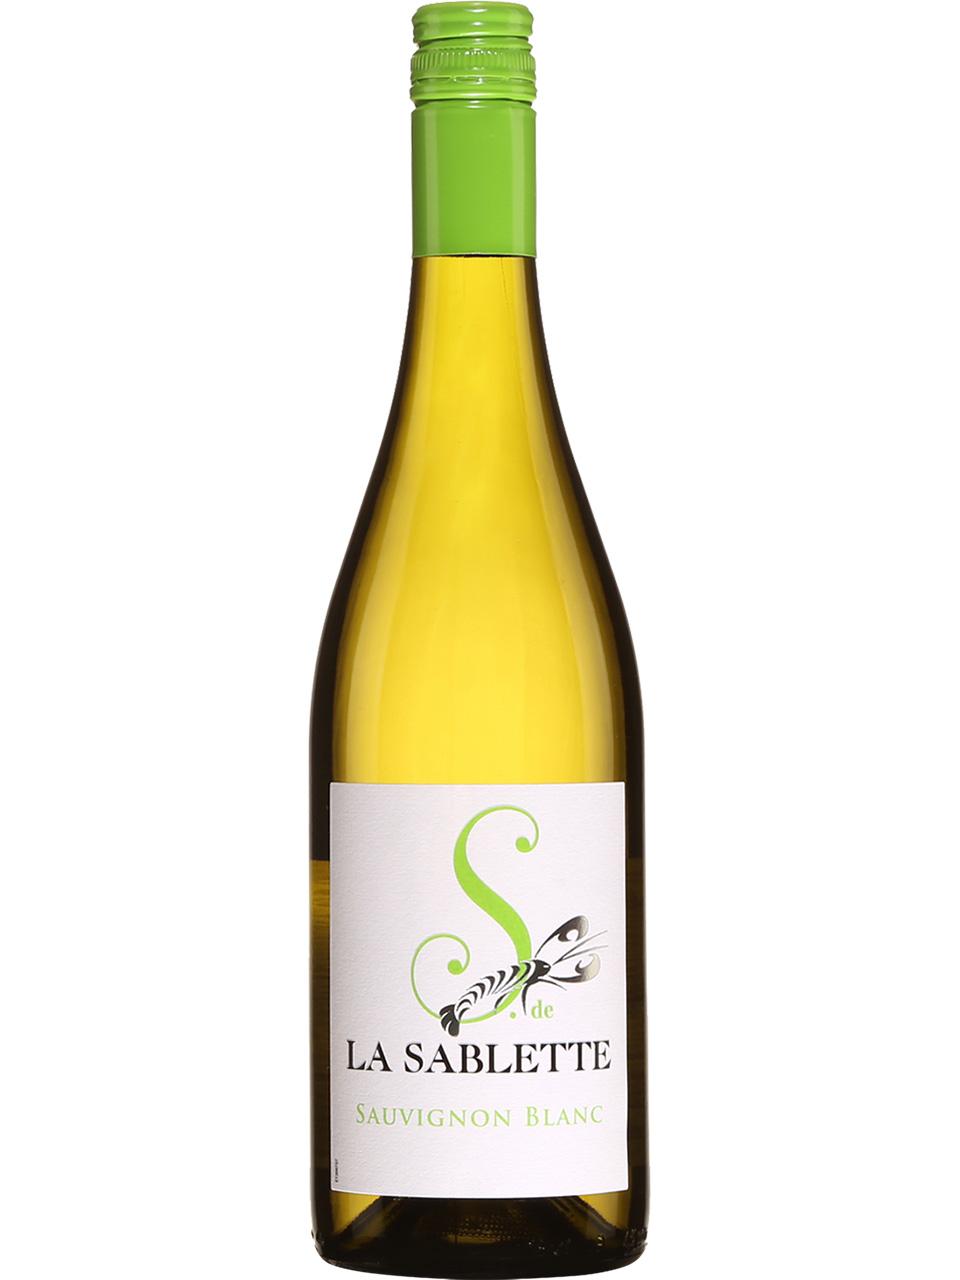 S de la Sablette Sauvignon Blanc